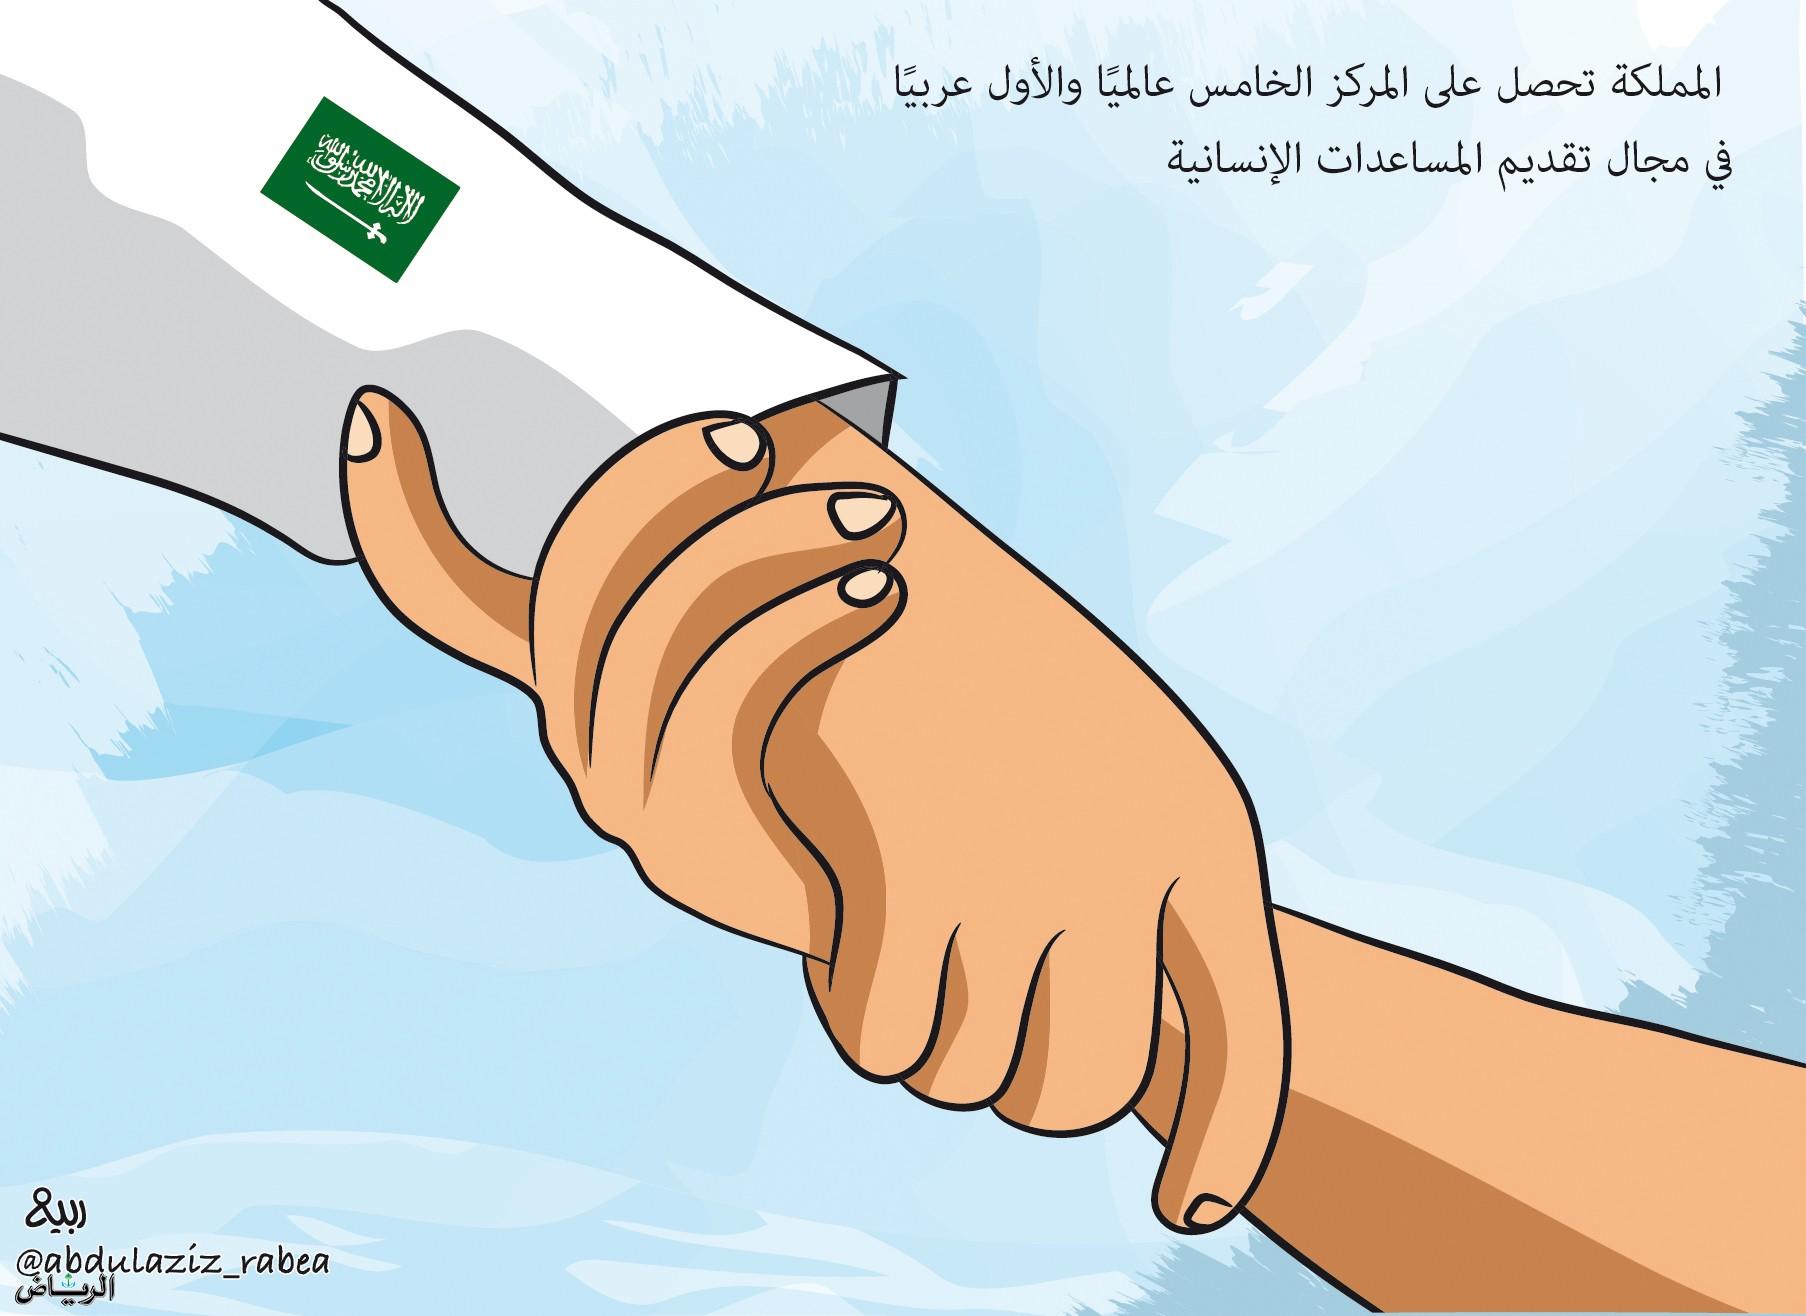 المملكة الأولى عربيا فى تقديم المساعدات الإنسانية